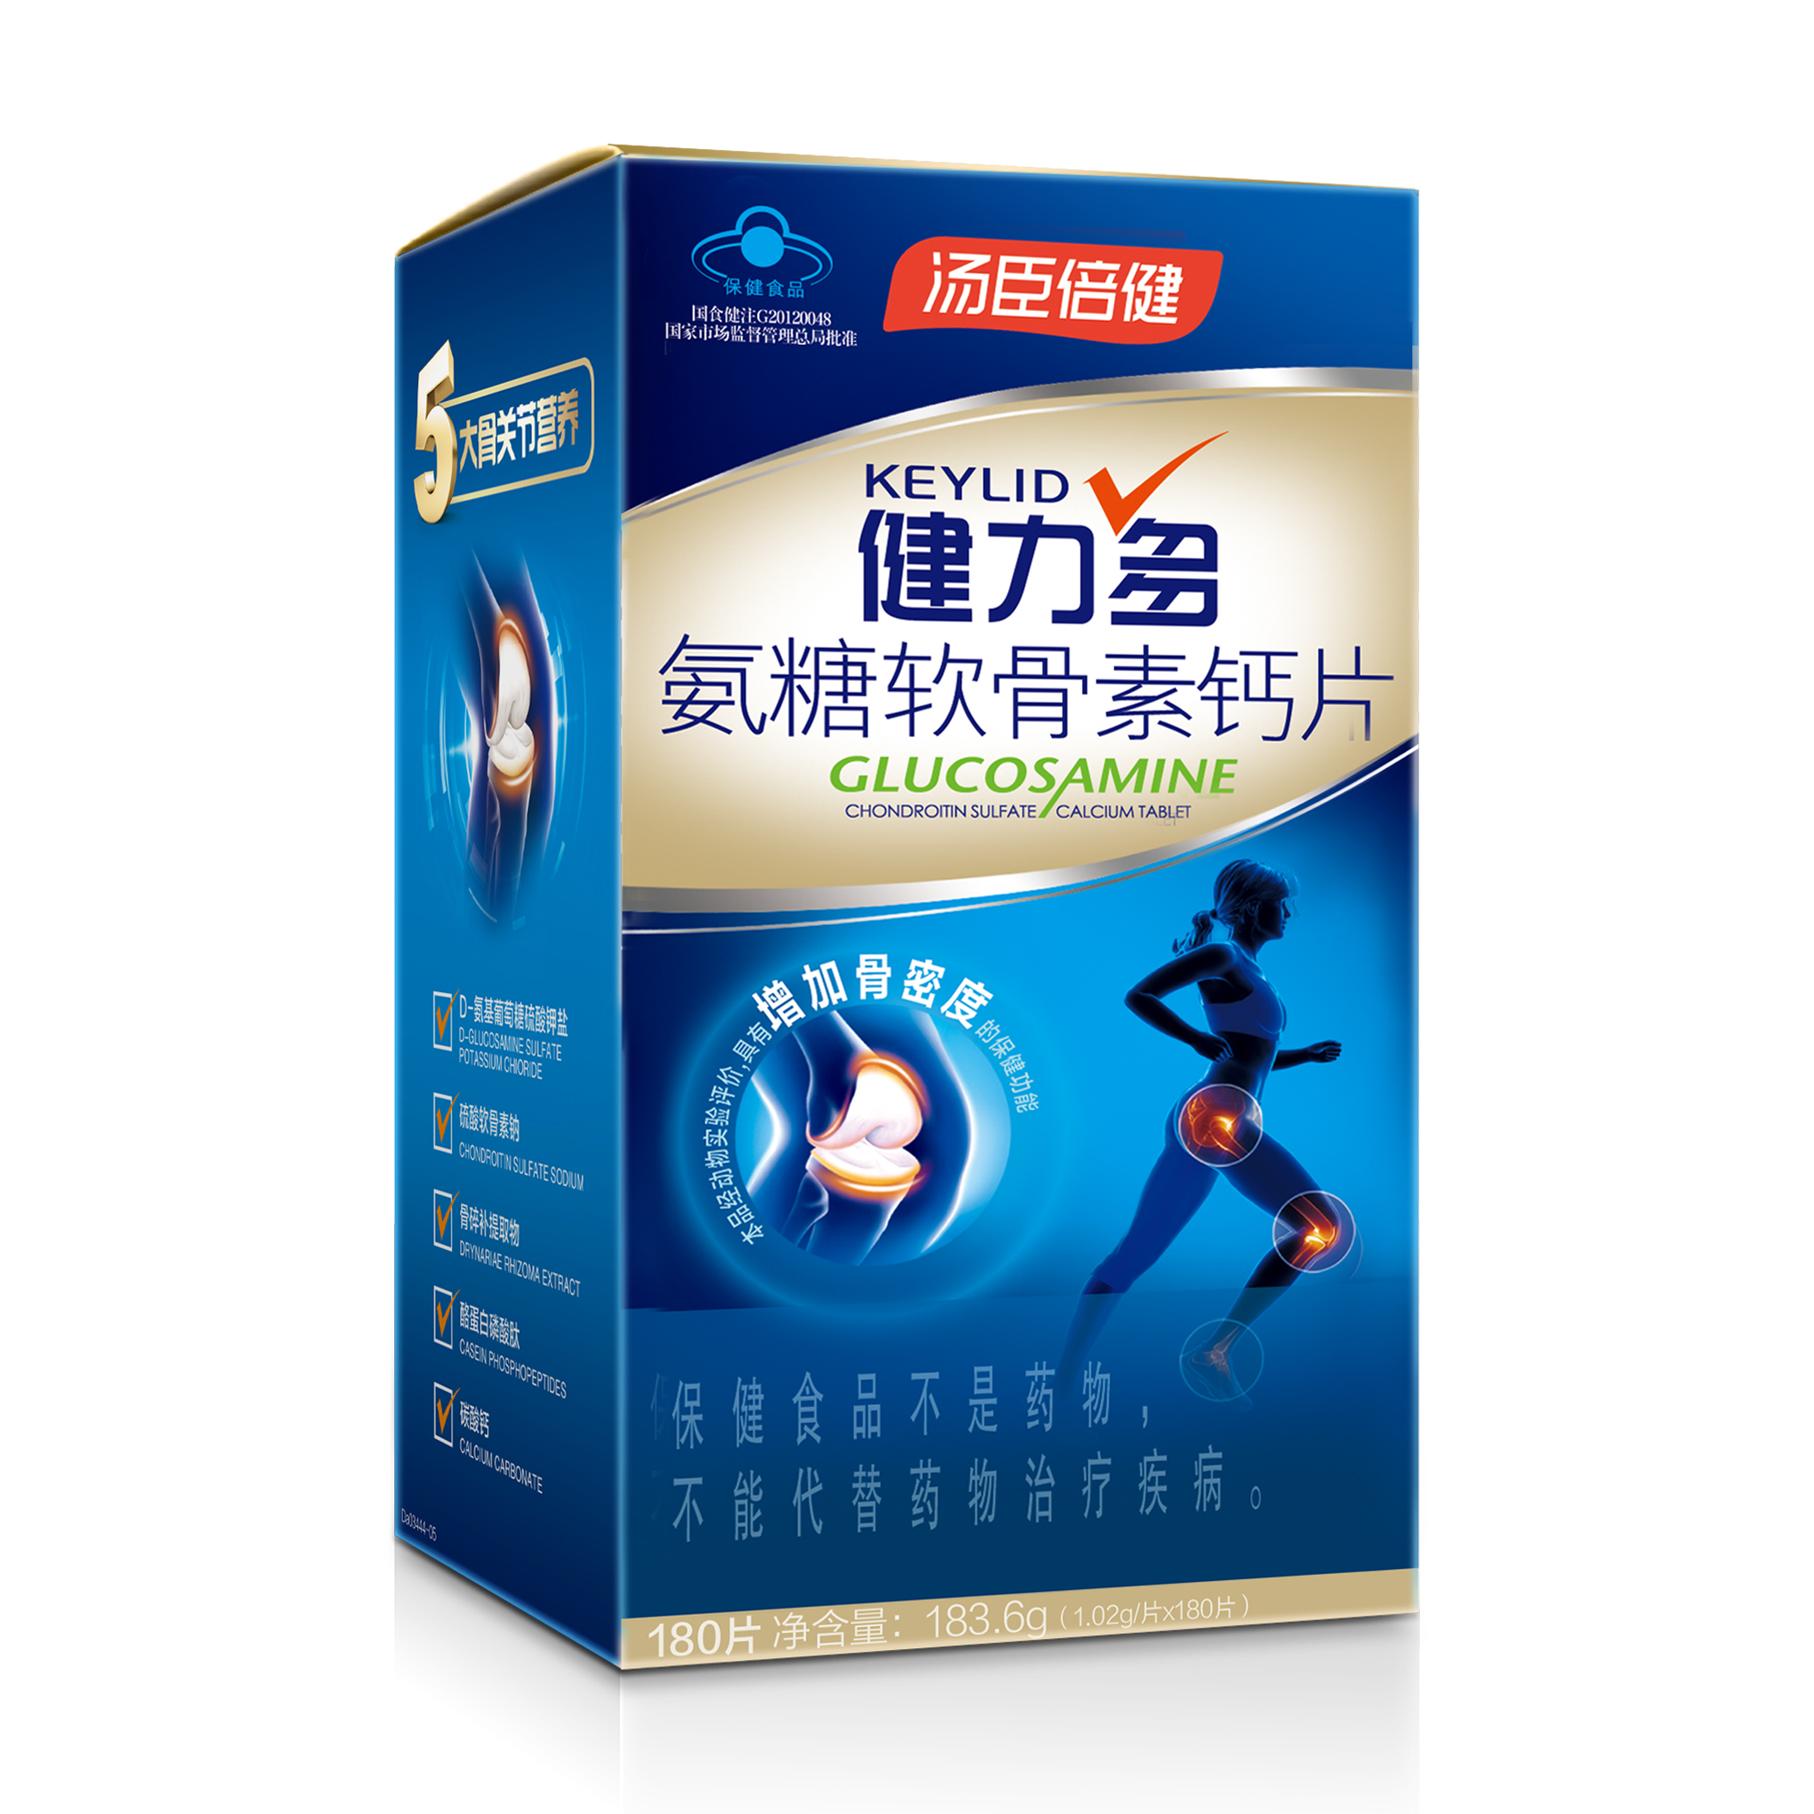 湯臣倍健健力多?氨糖軟骨素鈣片180片彩盒裝